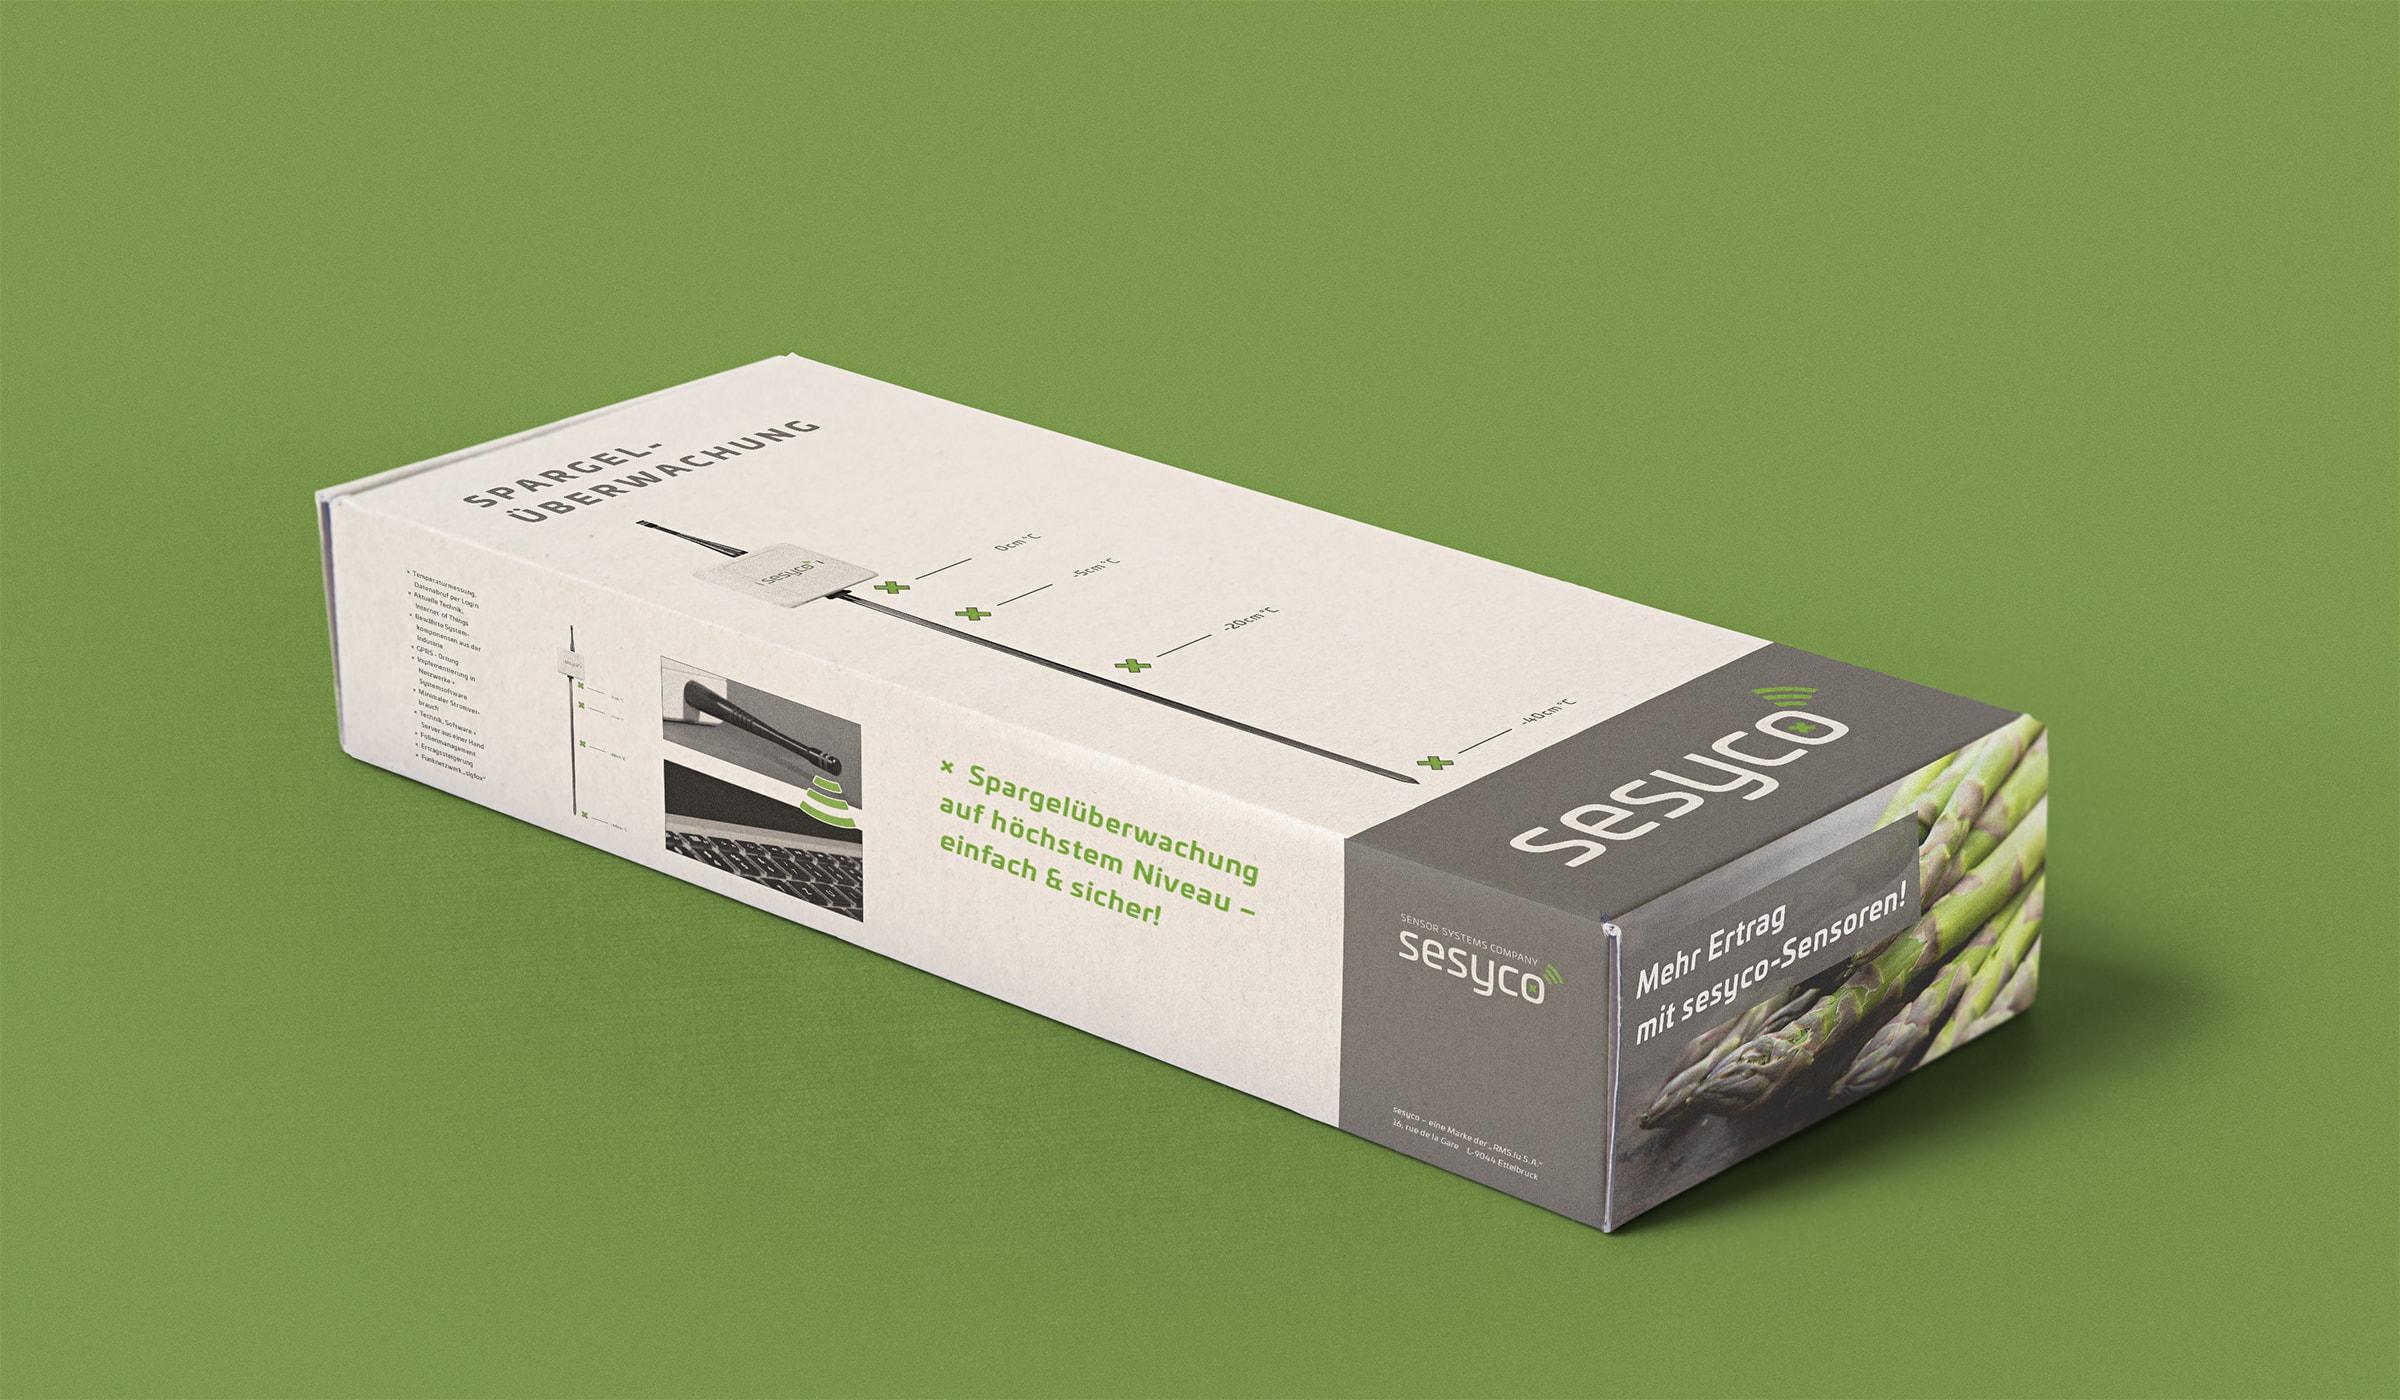 Produktfotos // Fotodesign ~ Produktfotografie // Produktfotografie für Imageflyer // sesyco – eine Marke der Rms.lu S.A. Luxemburg/ KERSTIN MICHELS – DESIGN/ Designagentur/ Werbeagentur/ Grafikdesign/ Kommunikationsdesign/ Hermeskeil/ Hochwald/ Trier/ Rheinland-Pfalz/ Werbung/ Design